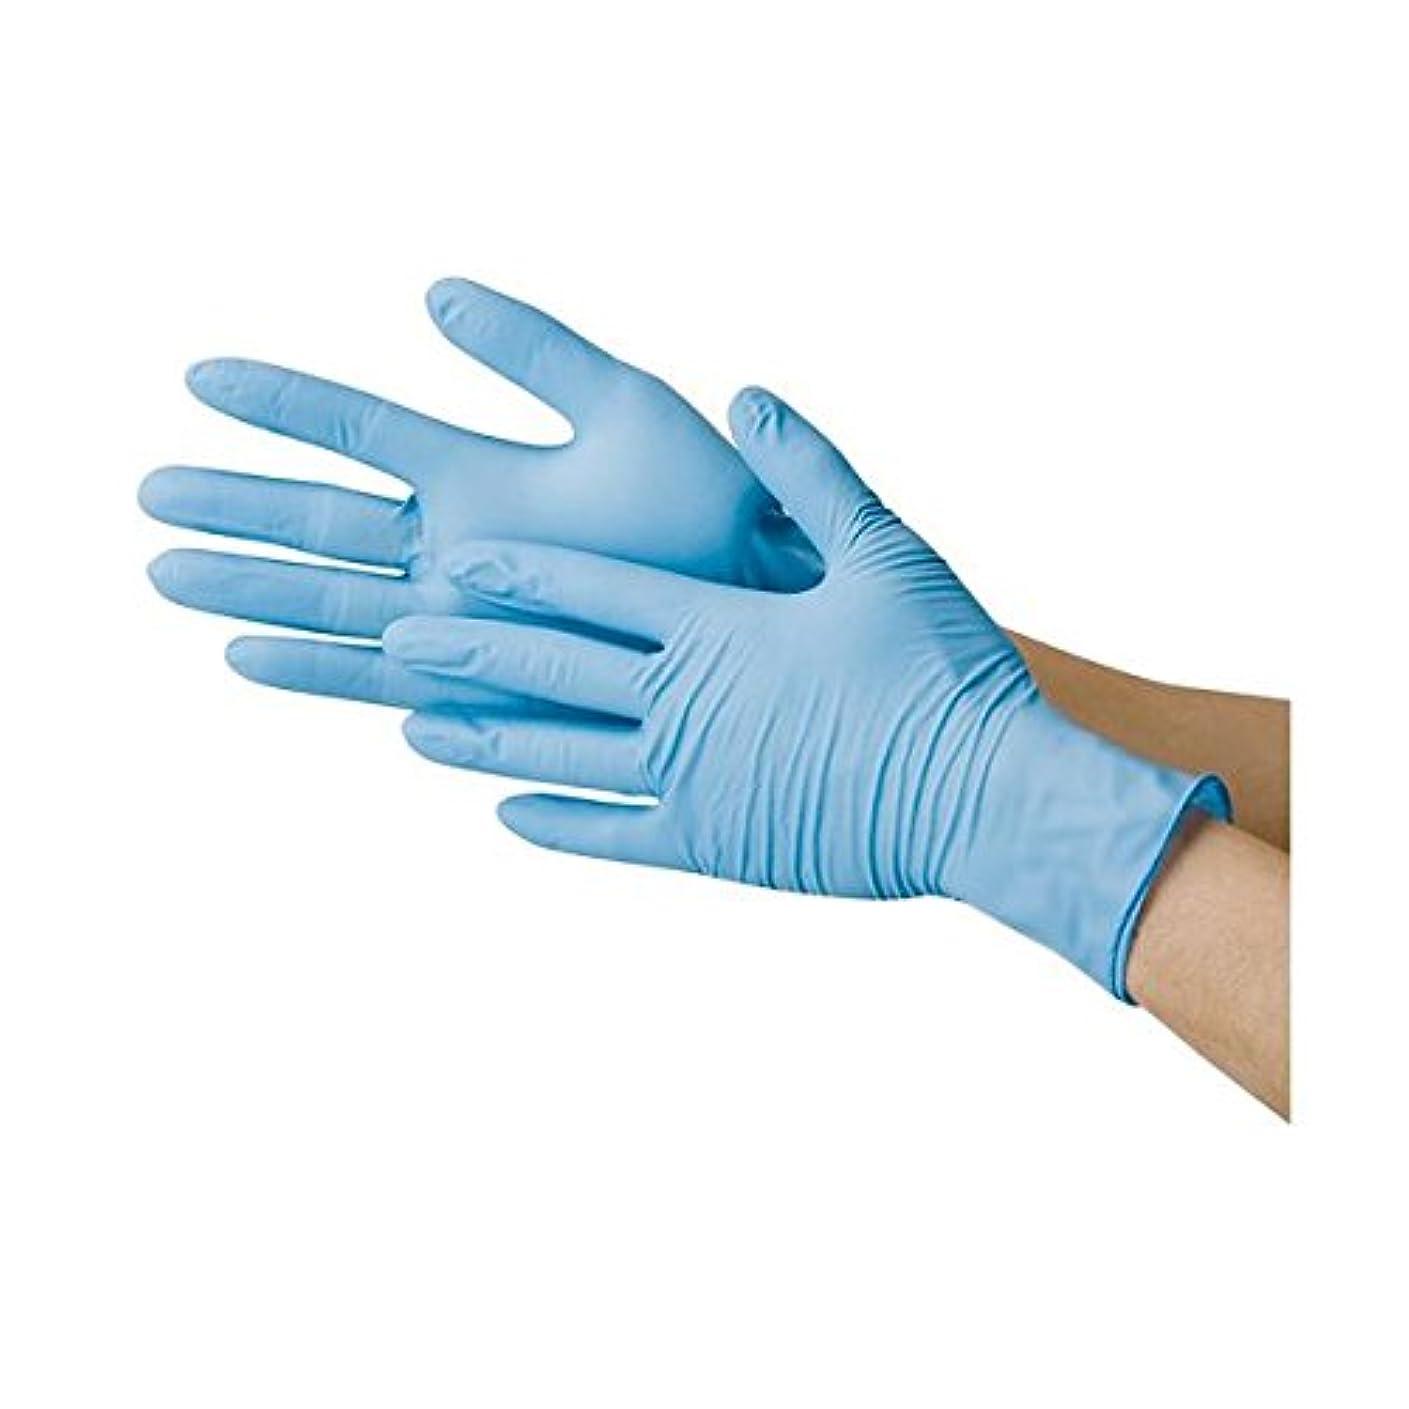 賭け照らすペスト川西工業 ニトリル極薄手袋 粉なし ブルーM ダイエット 健康 衛生用品 その他の衛生用品 14067381 [並行輸入品]